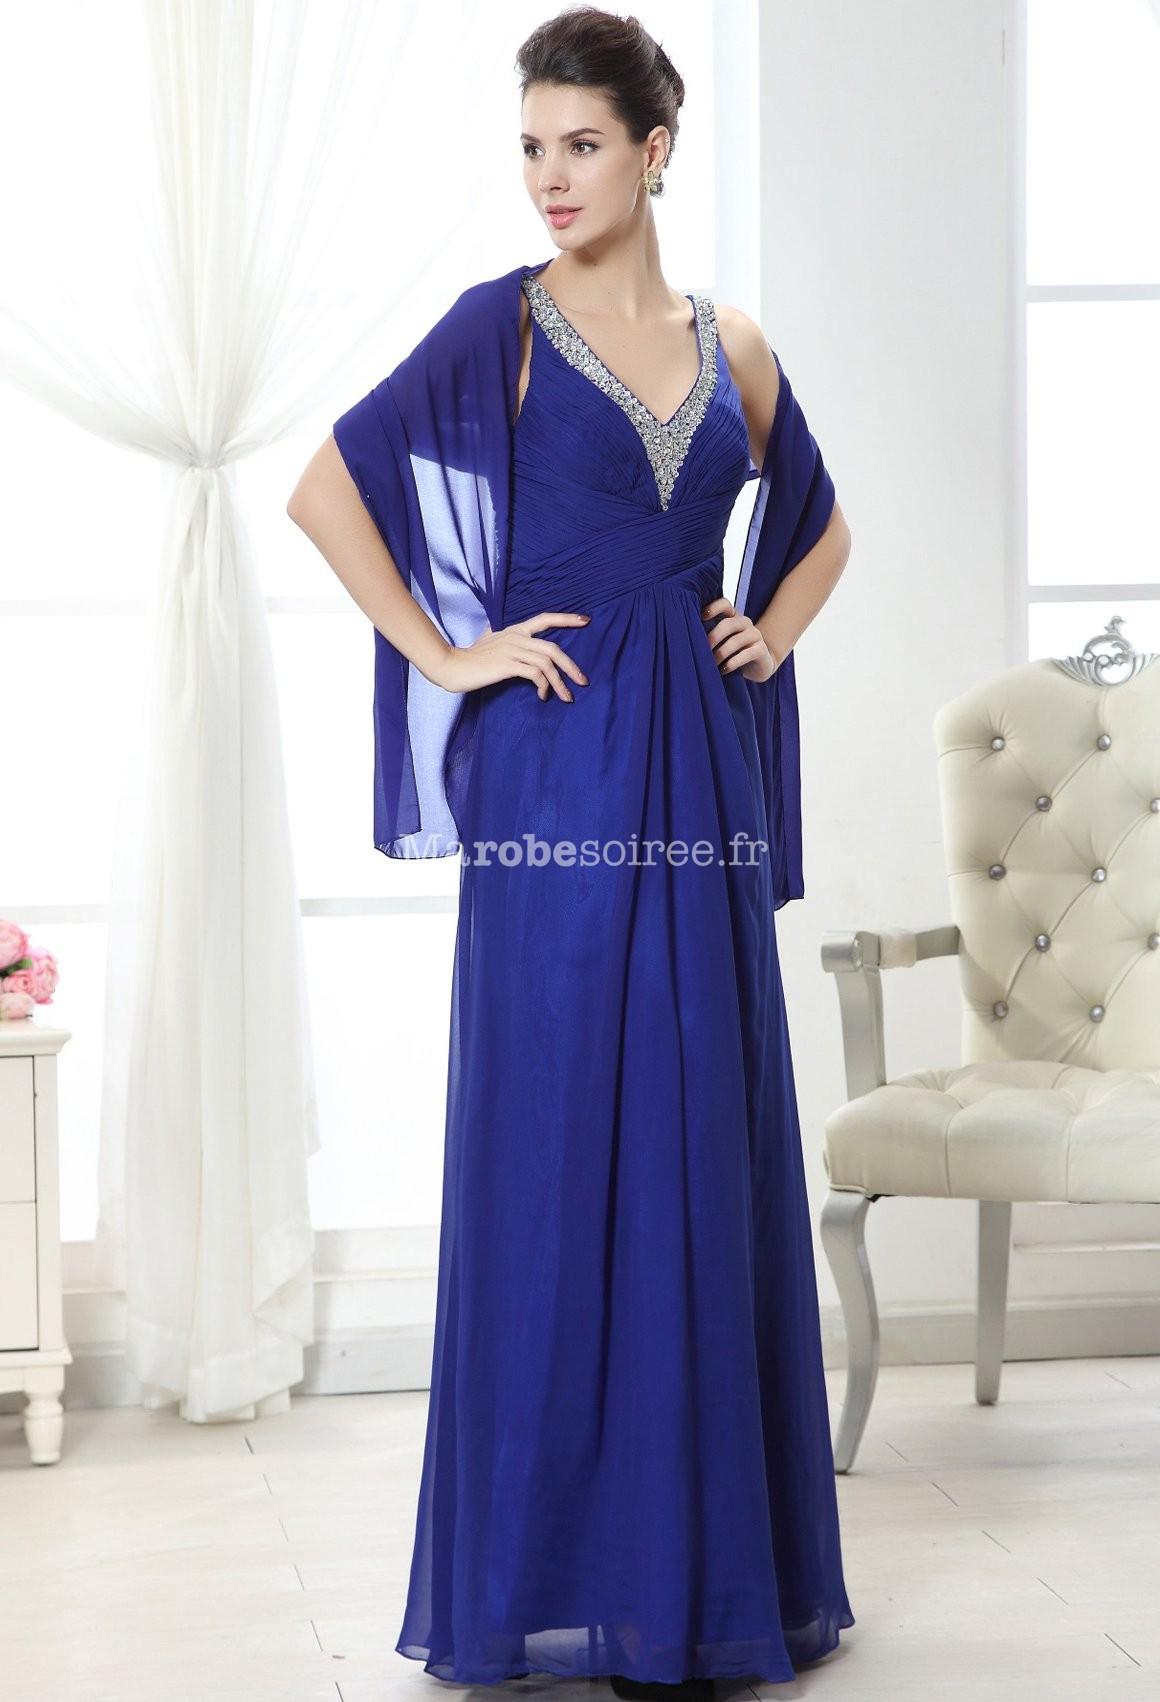 Robe soirée mousseline bleu bretelles et décolleté sequins 12031b7d73d9